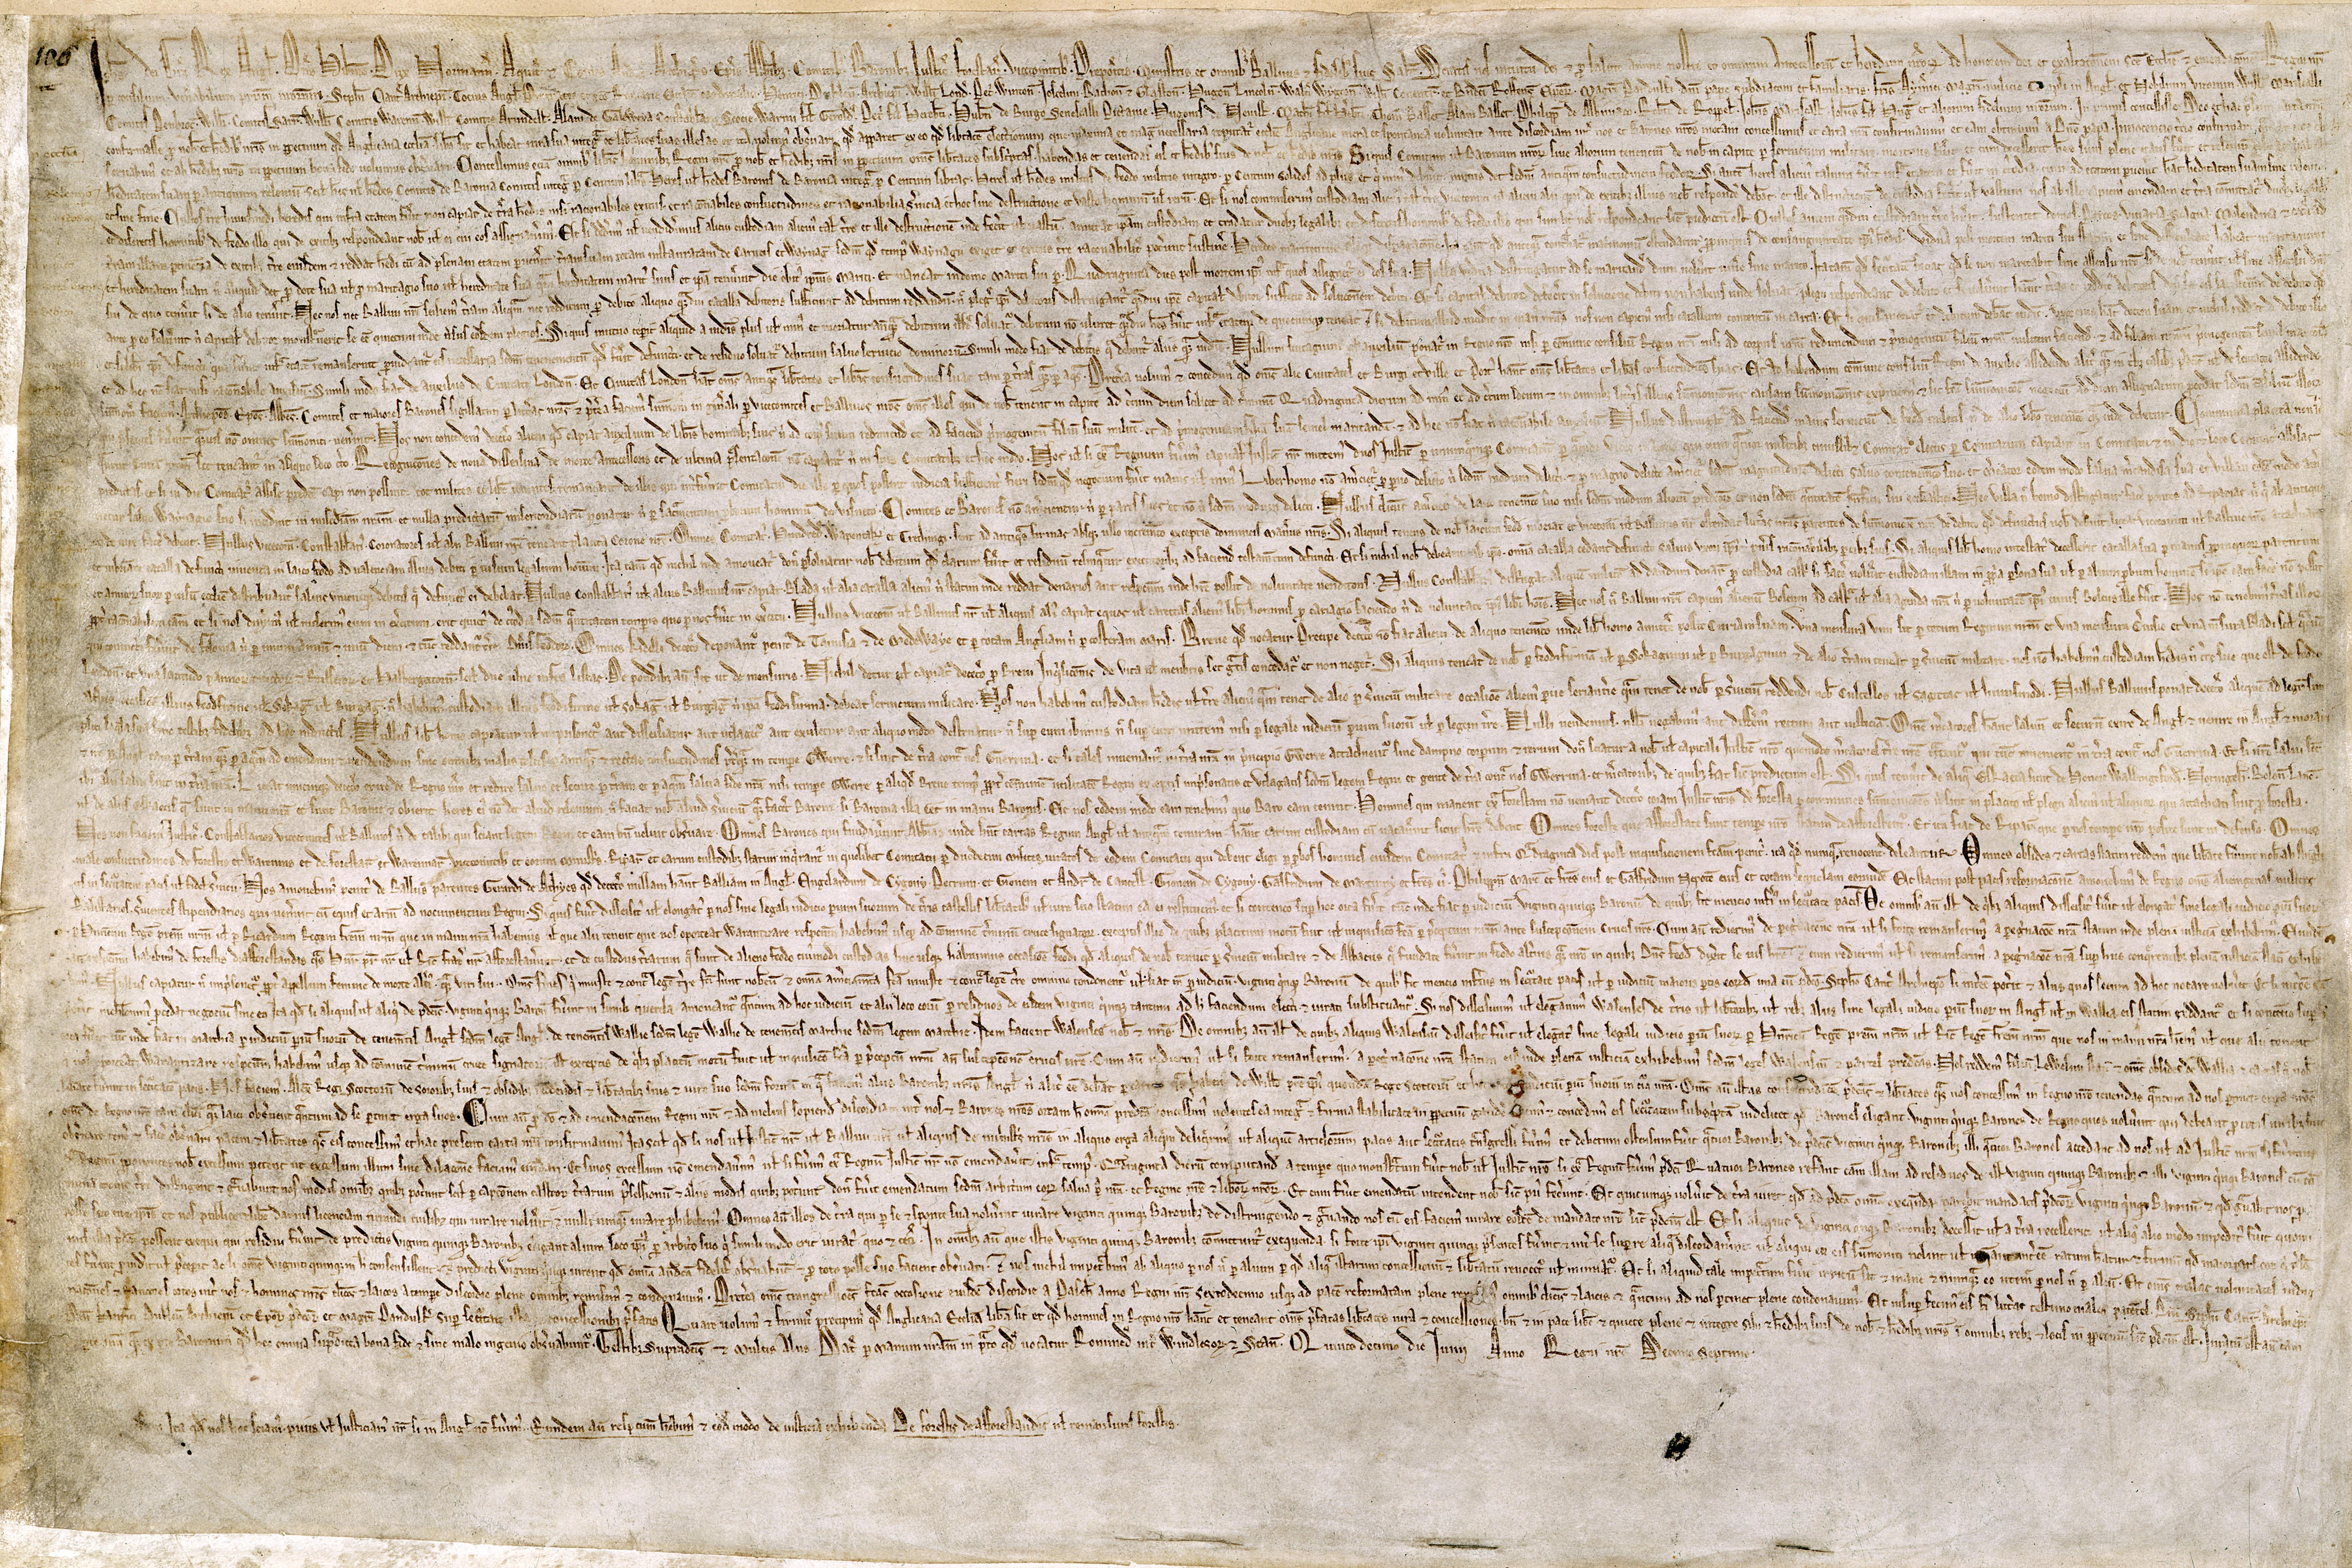 Poem sheds light on Magna Carta | News